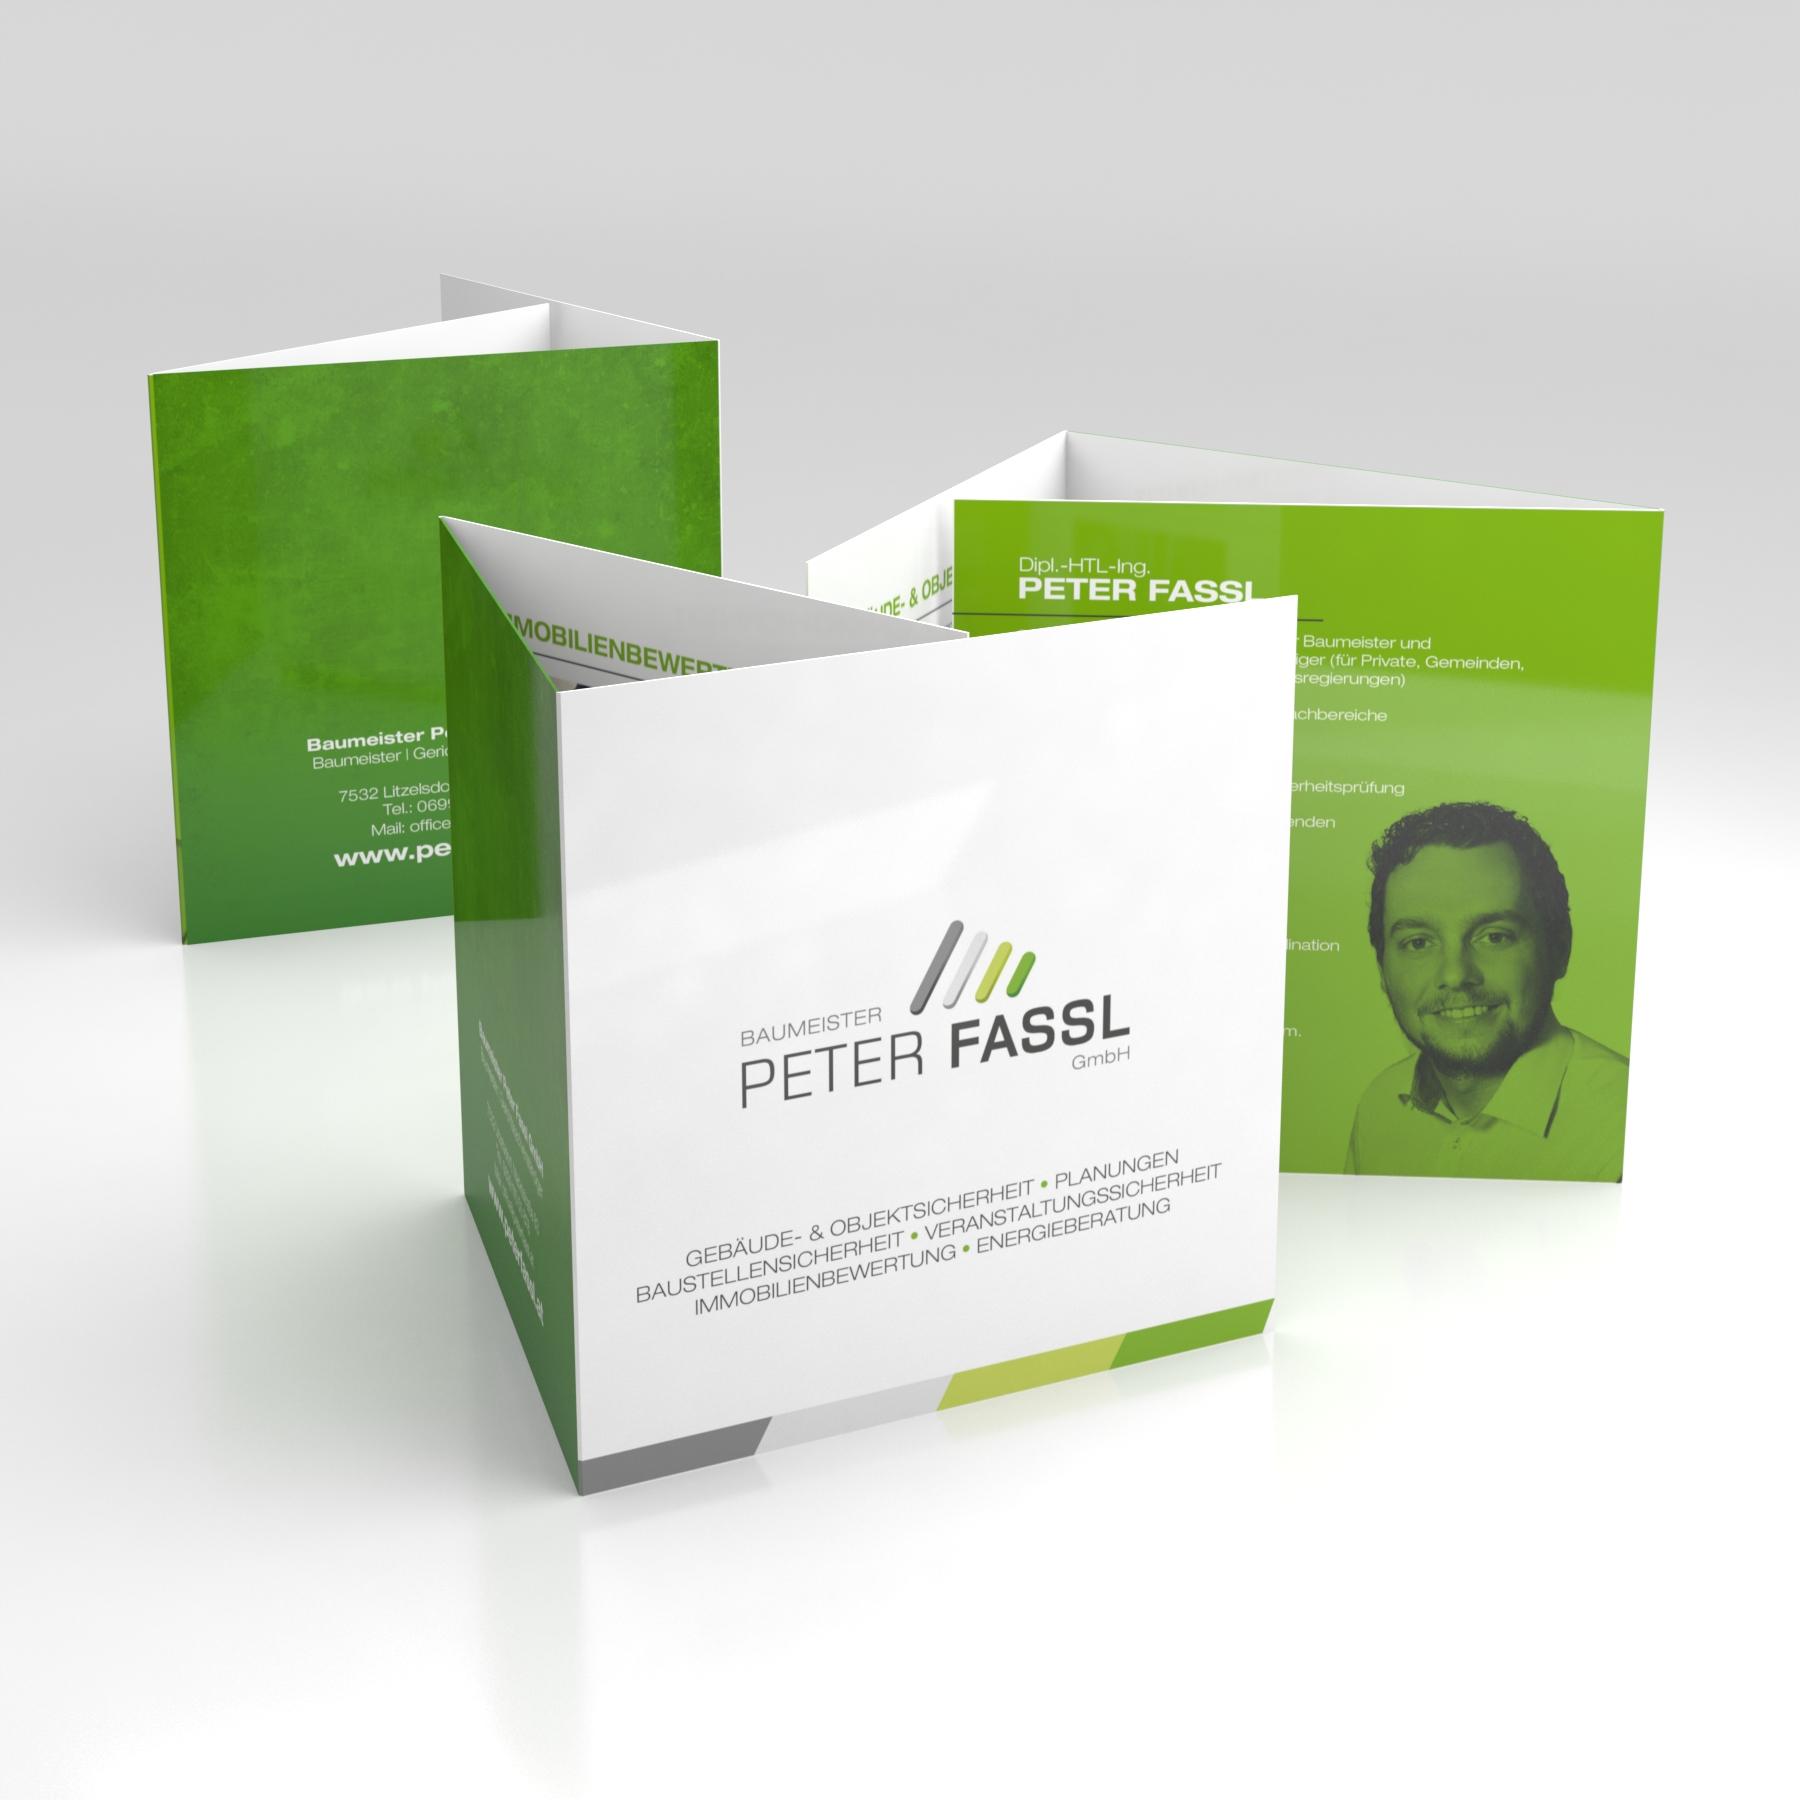 Peter Fassl Imagefolder